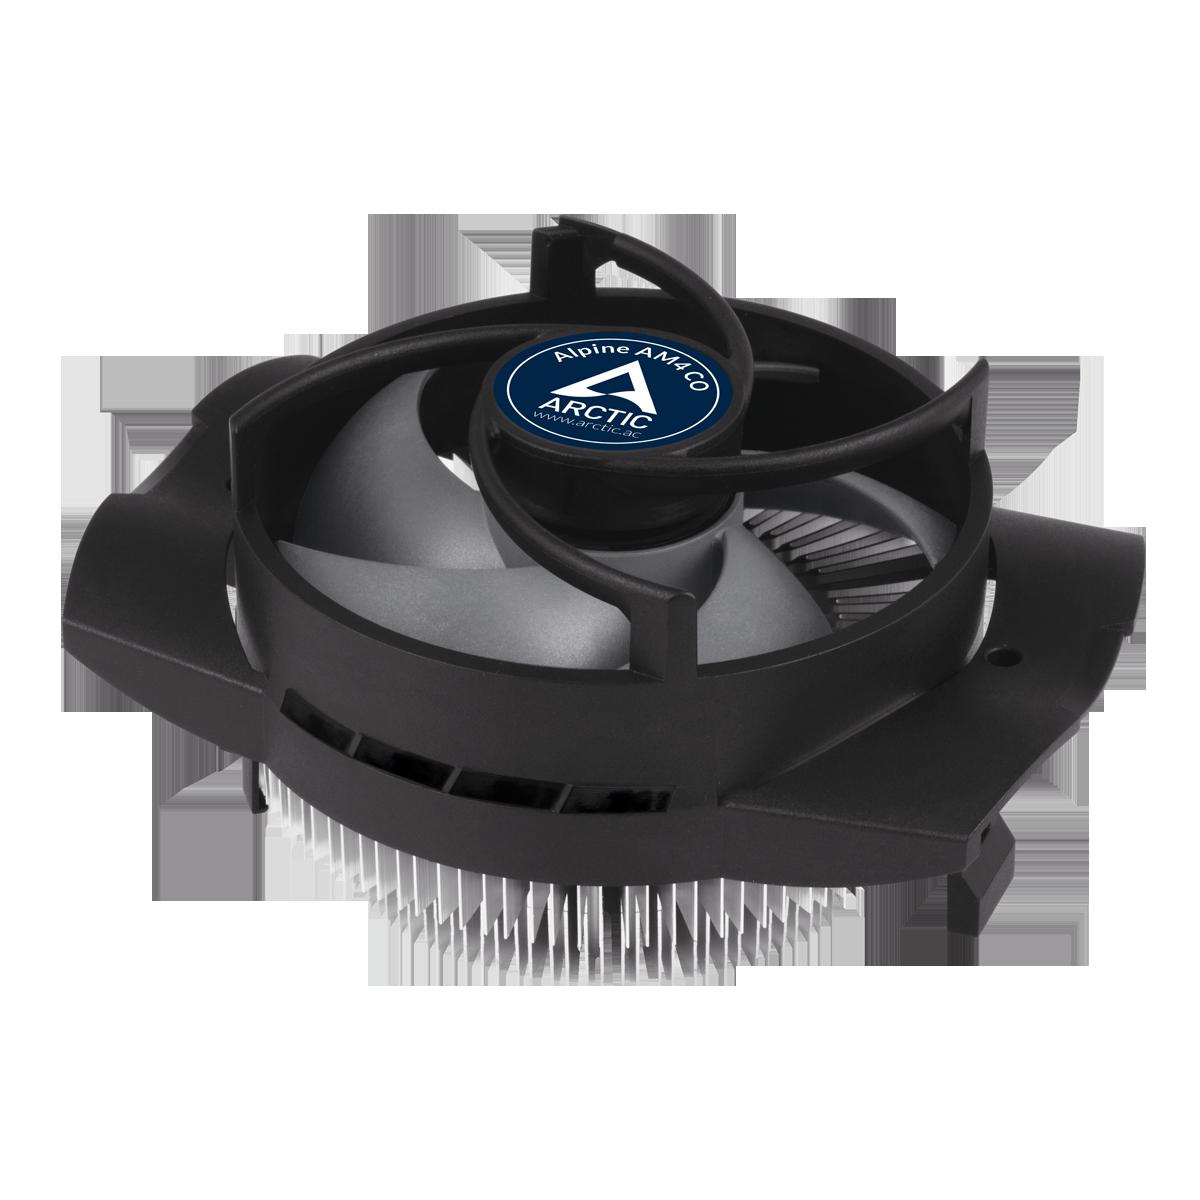 Kompakter AMD CPU-Kühler für Dauerbetrieb ARCTIC Alpine AM4 CO